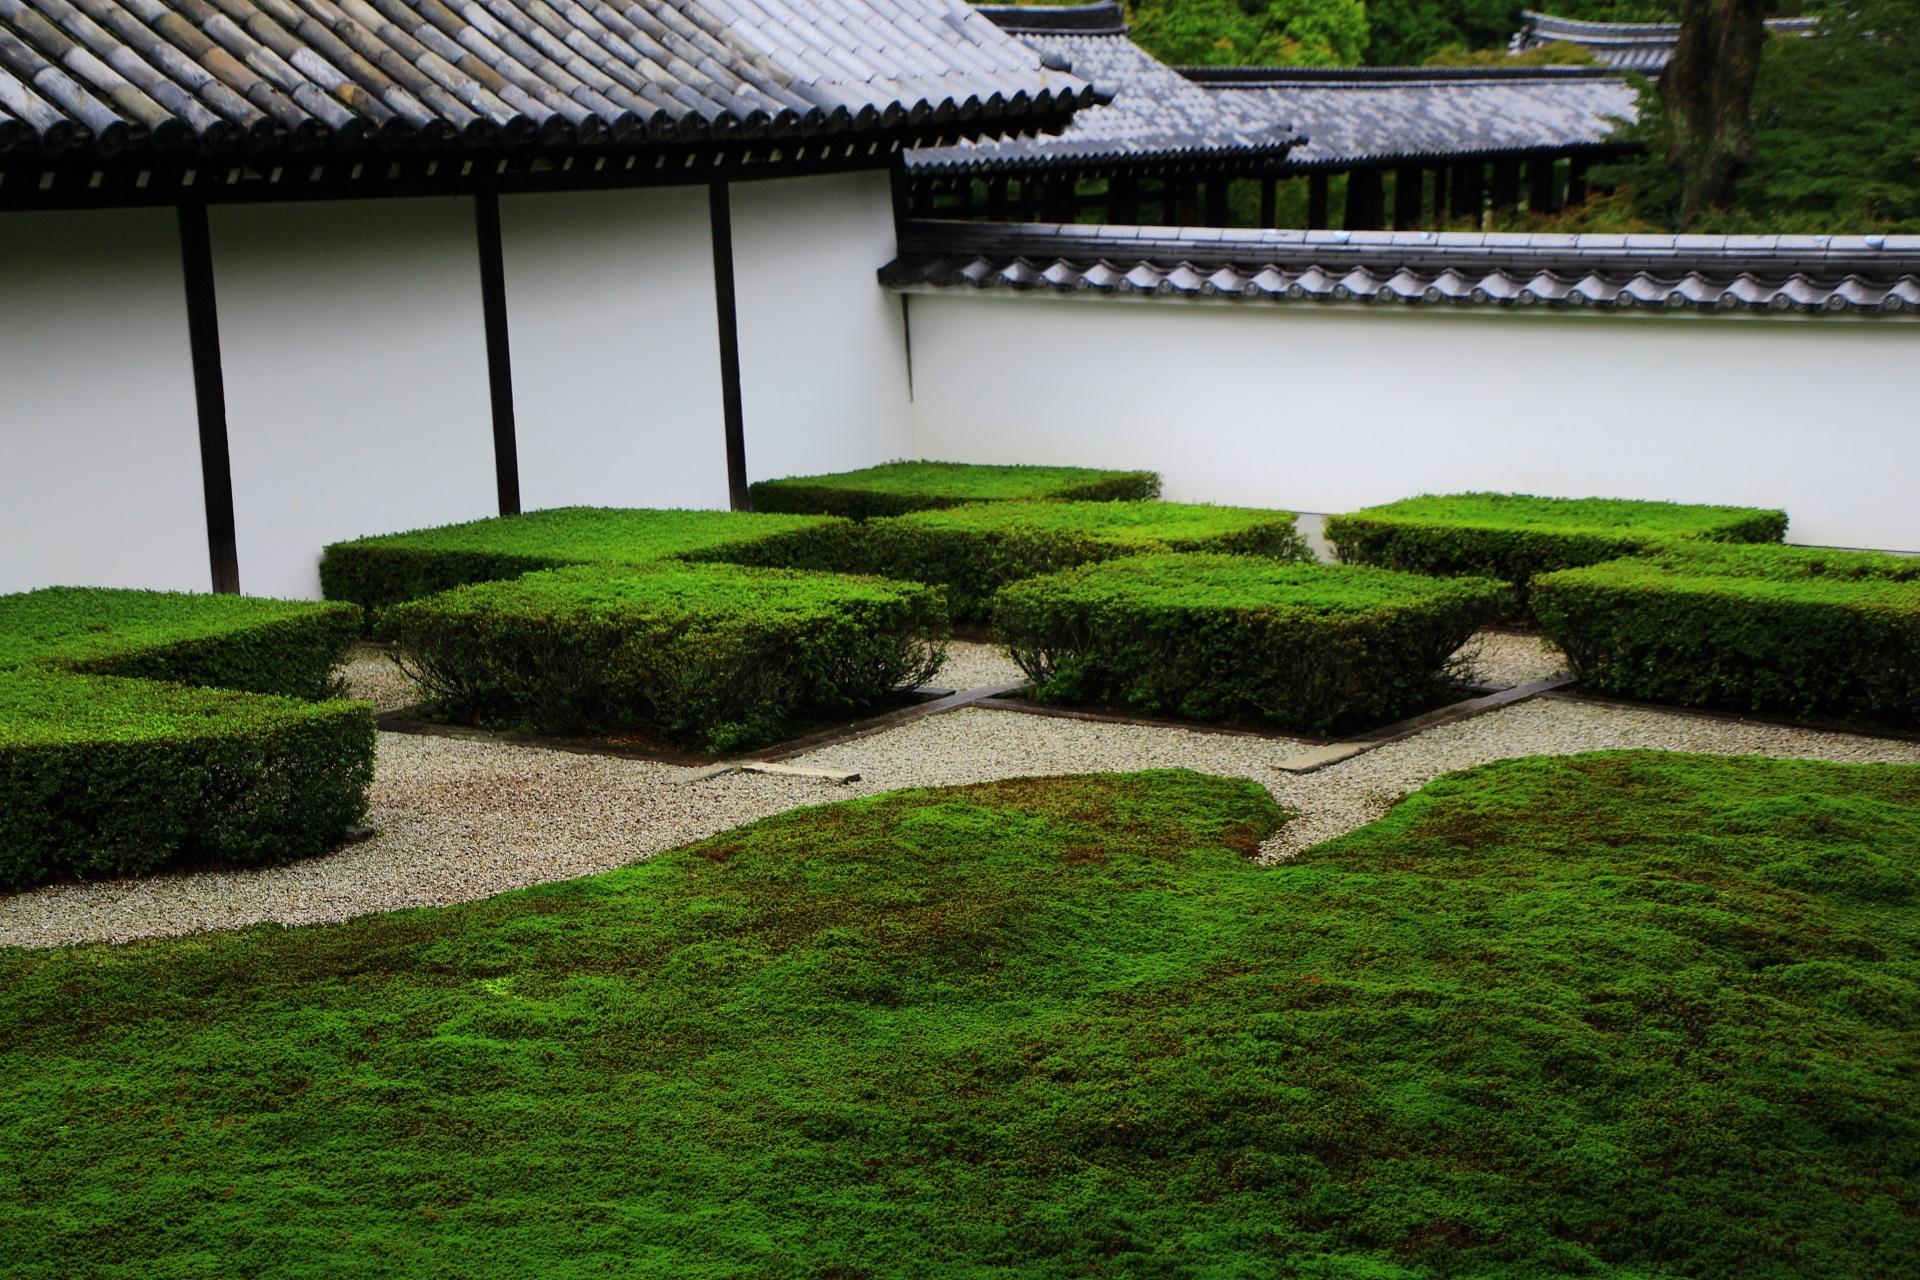 井田市松(せいでんいちまつ)の東福寺方丈西庭